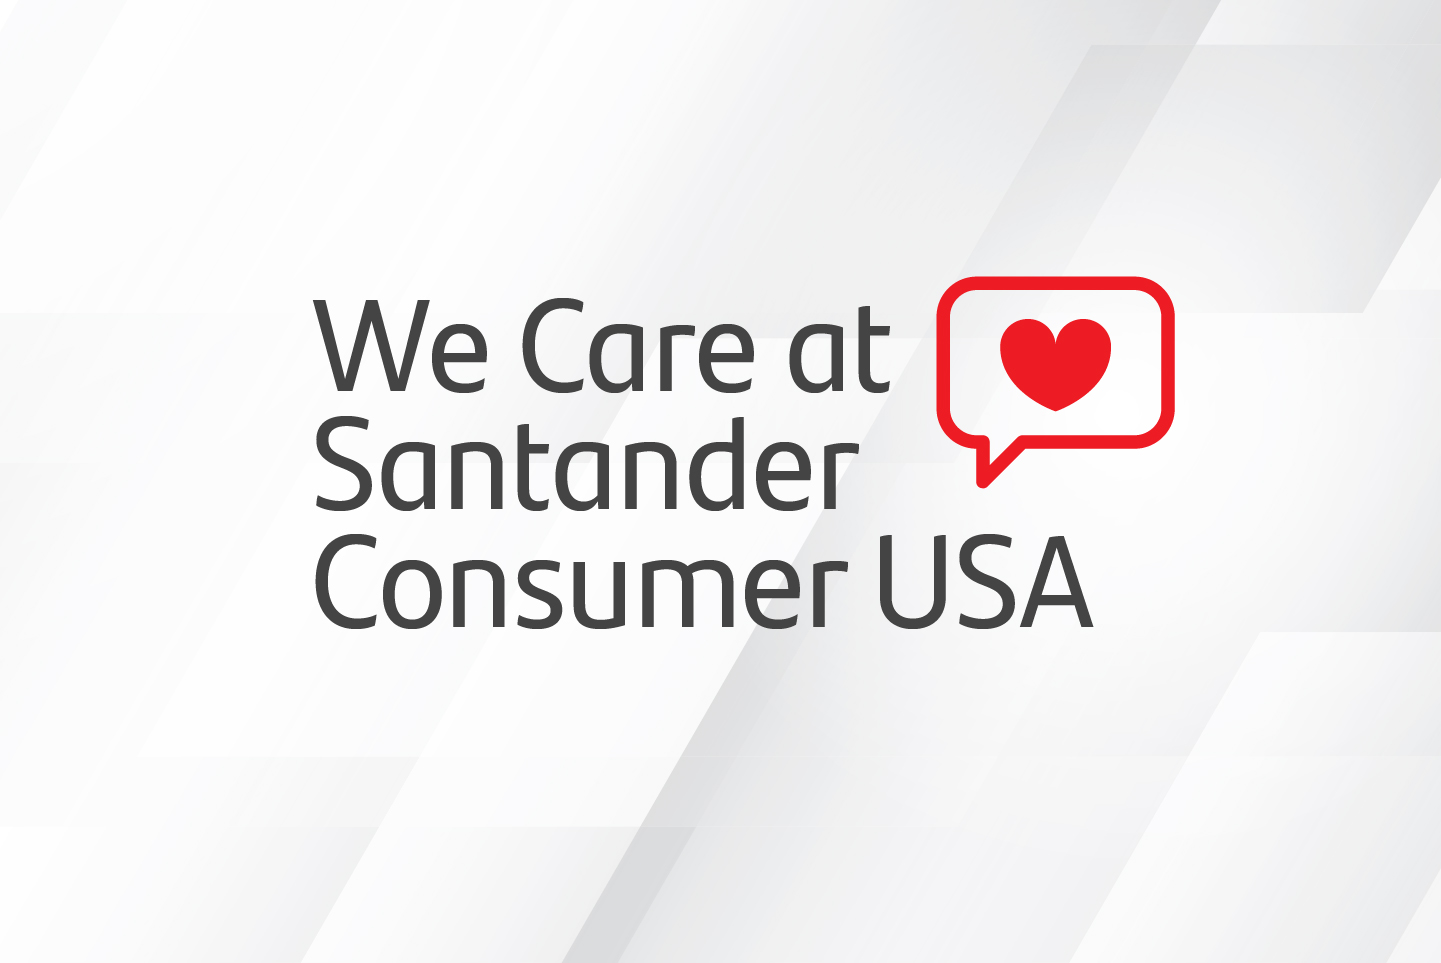 We Care at Santander Consumer USA